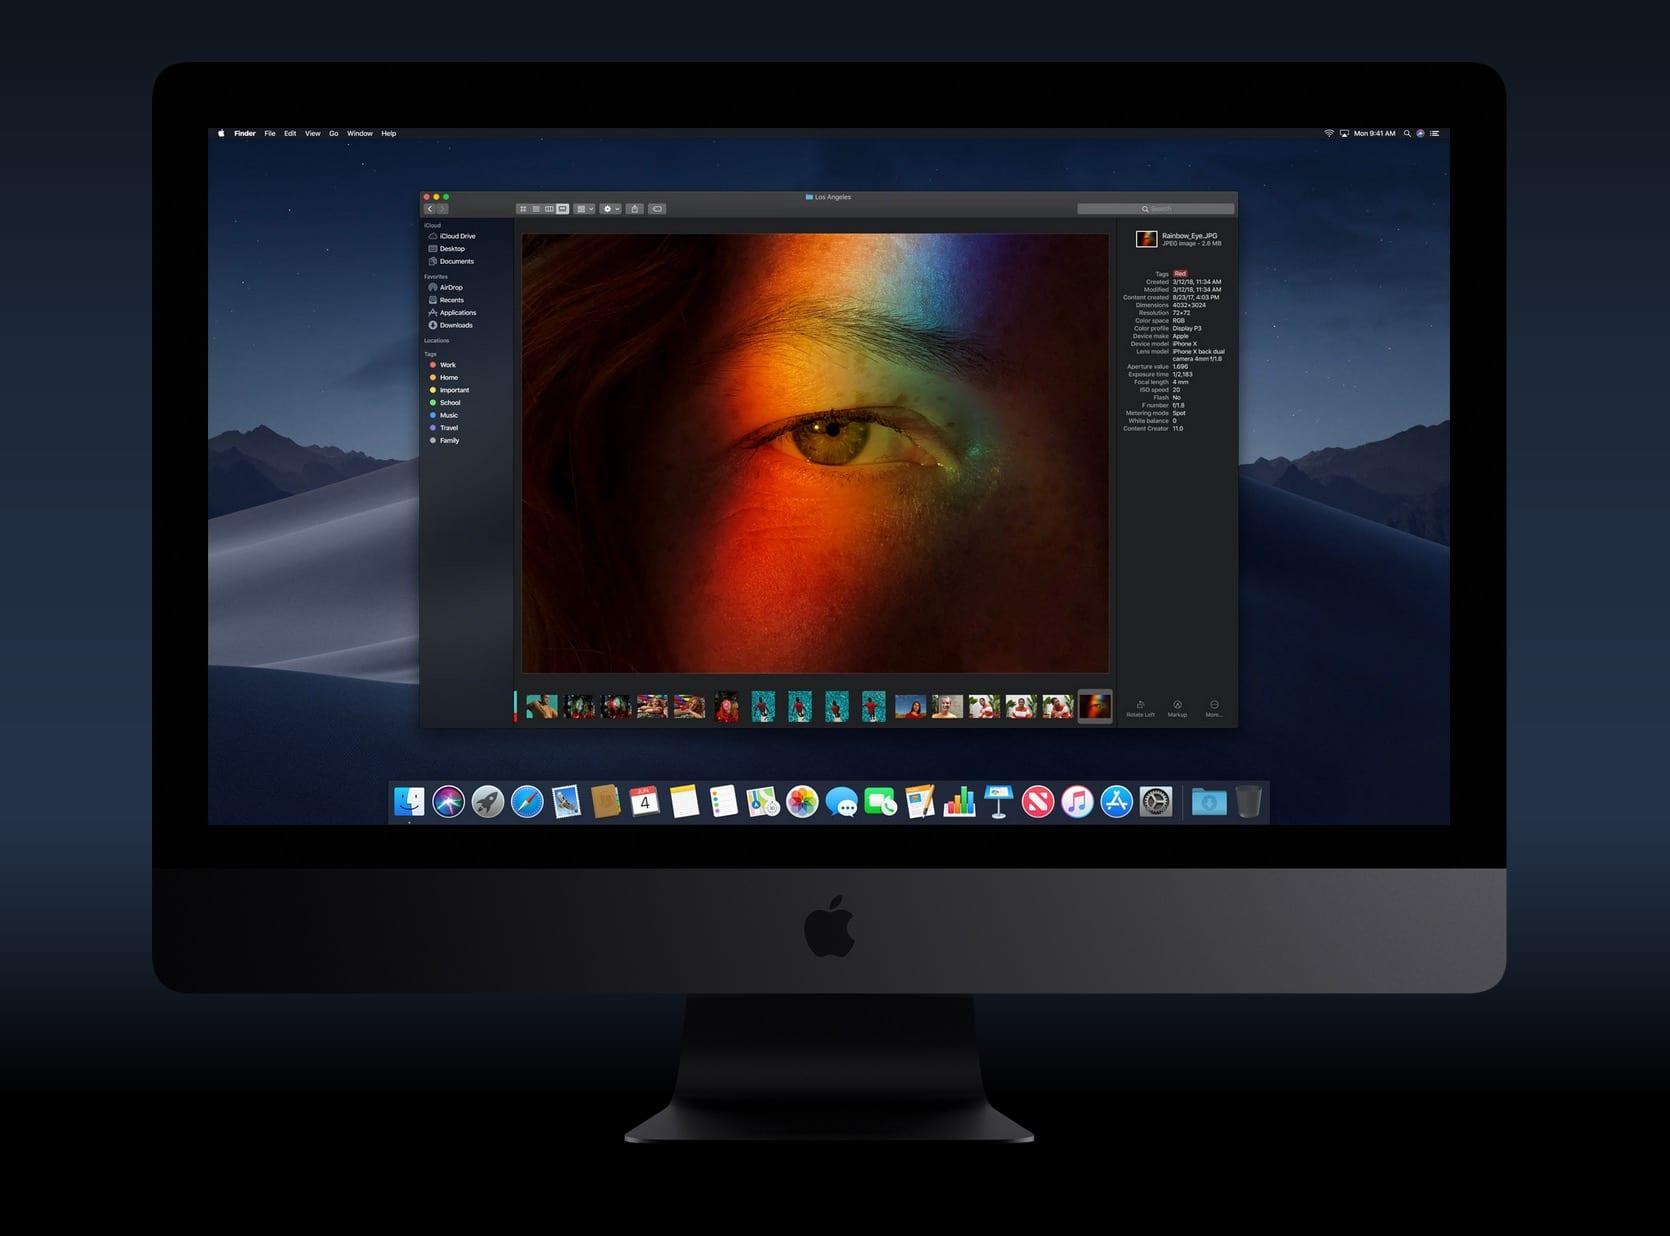 macos mojave promo - Apple uvoľnil beta verziu macOS Mojave 10.14.1 pre developerov